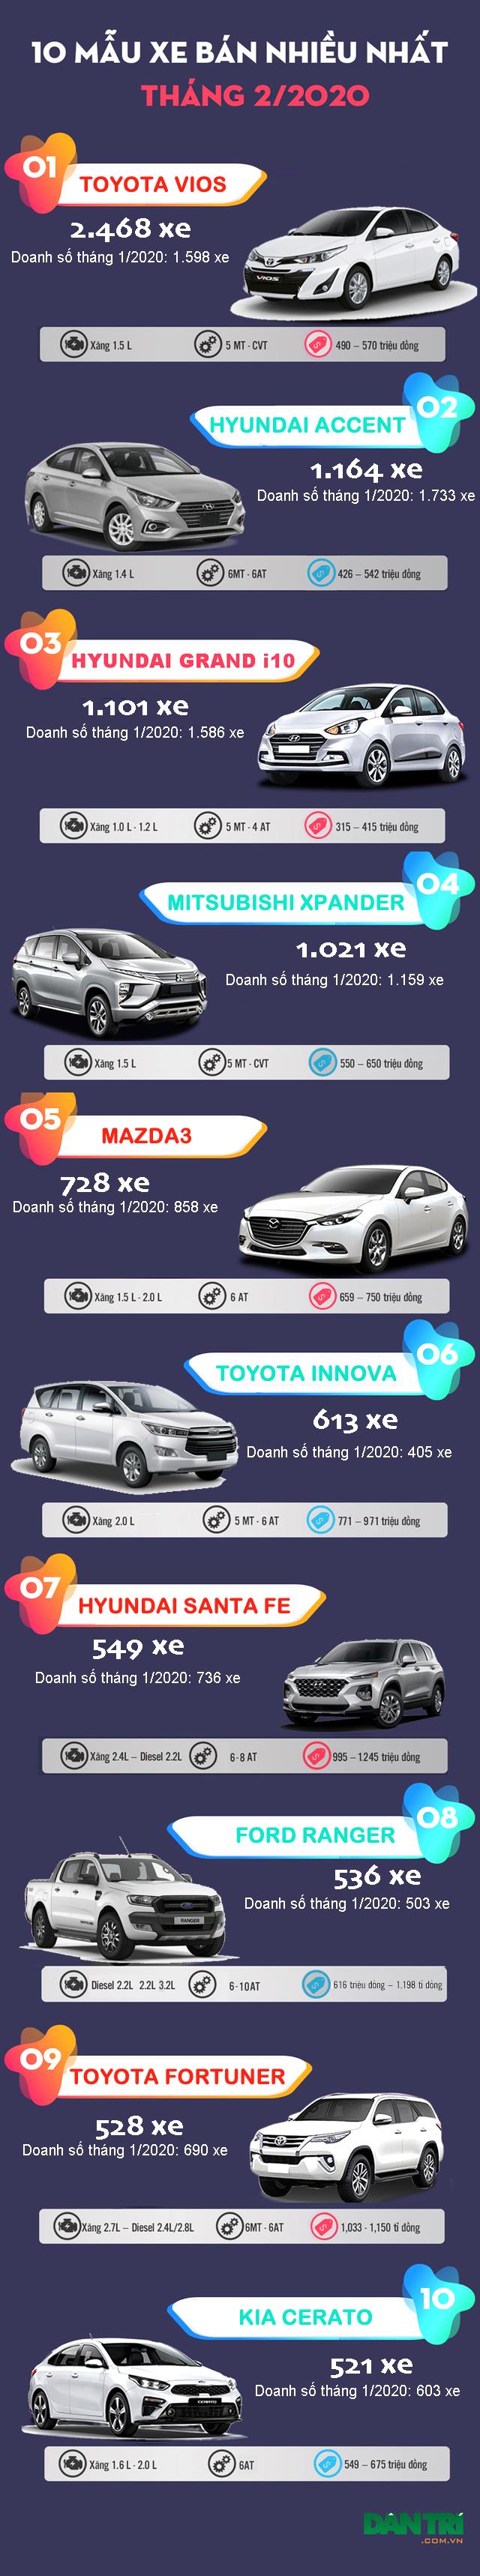 Top 10 mẫu xe bán nhiều nhất Việt Nam tháng 2/2020 - 2